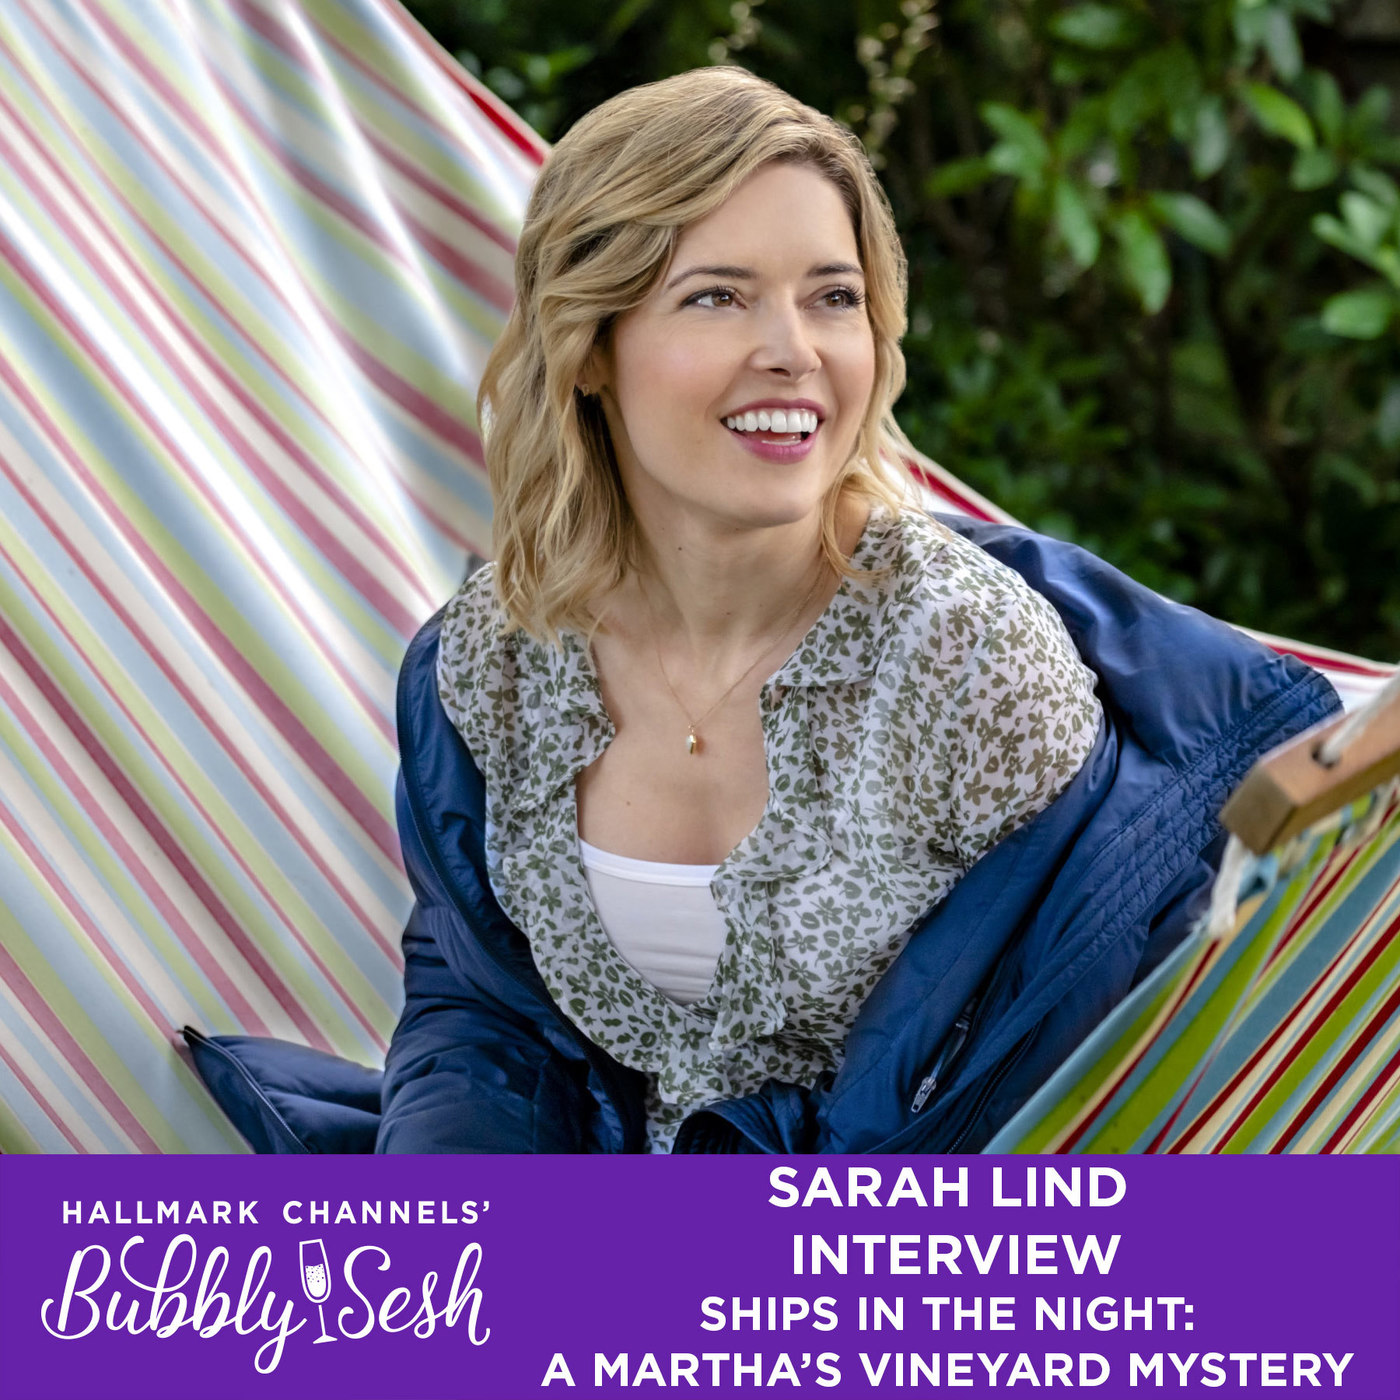 Sarah Lind Interview